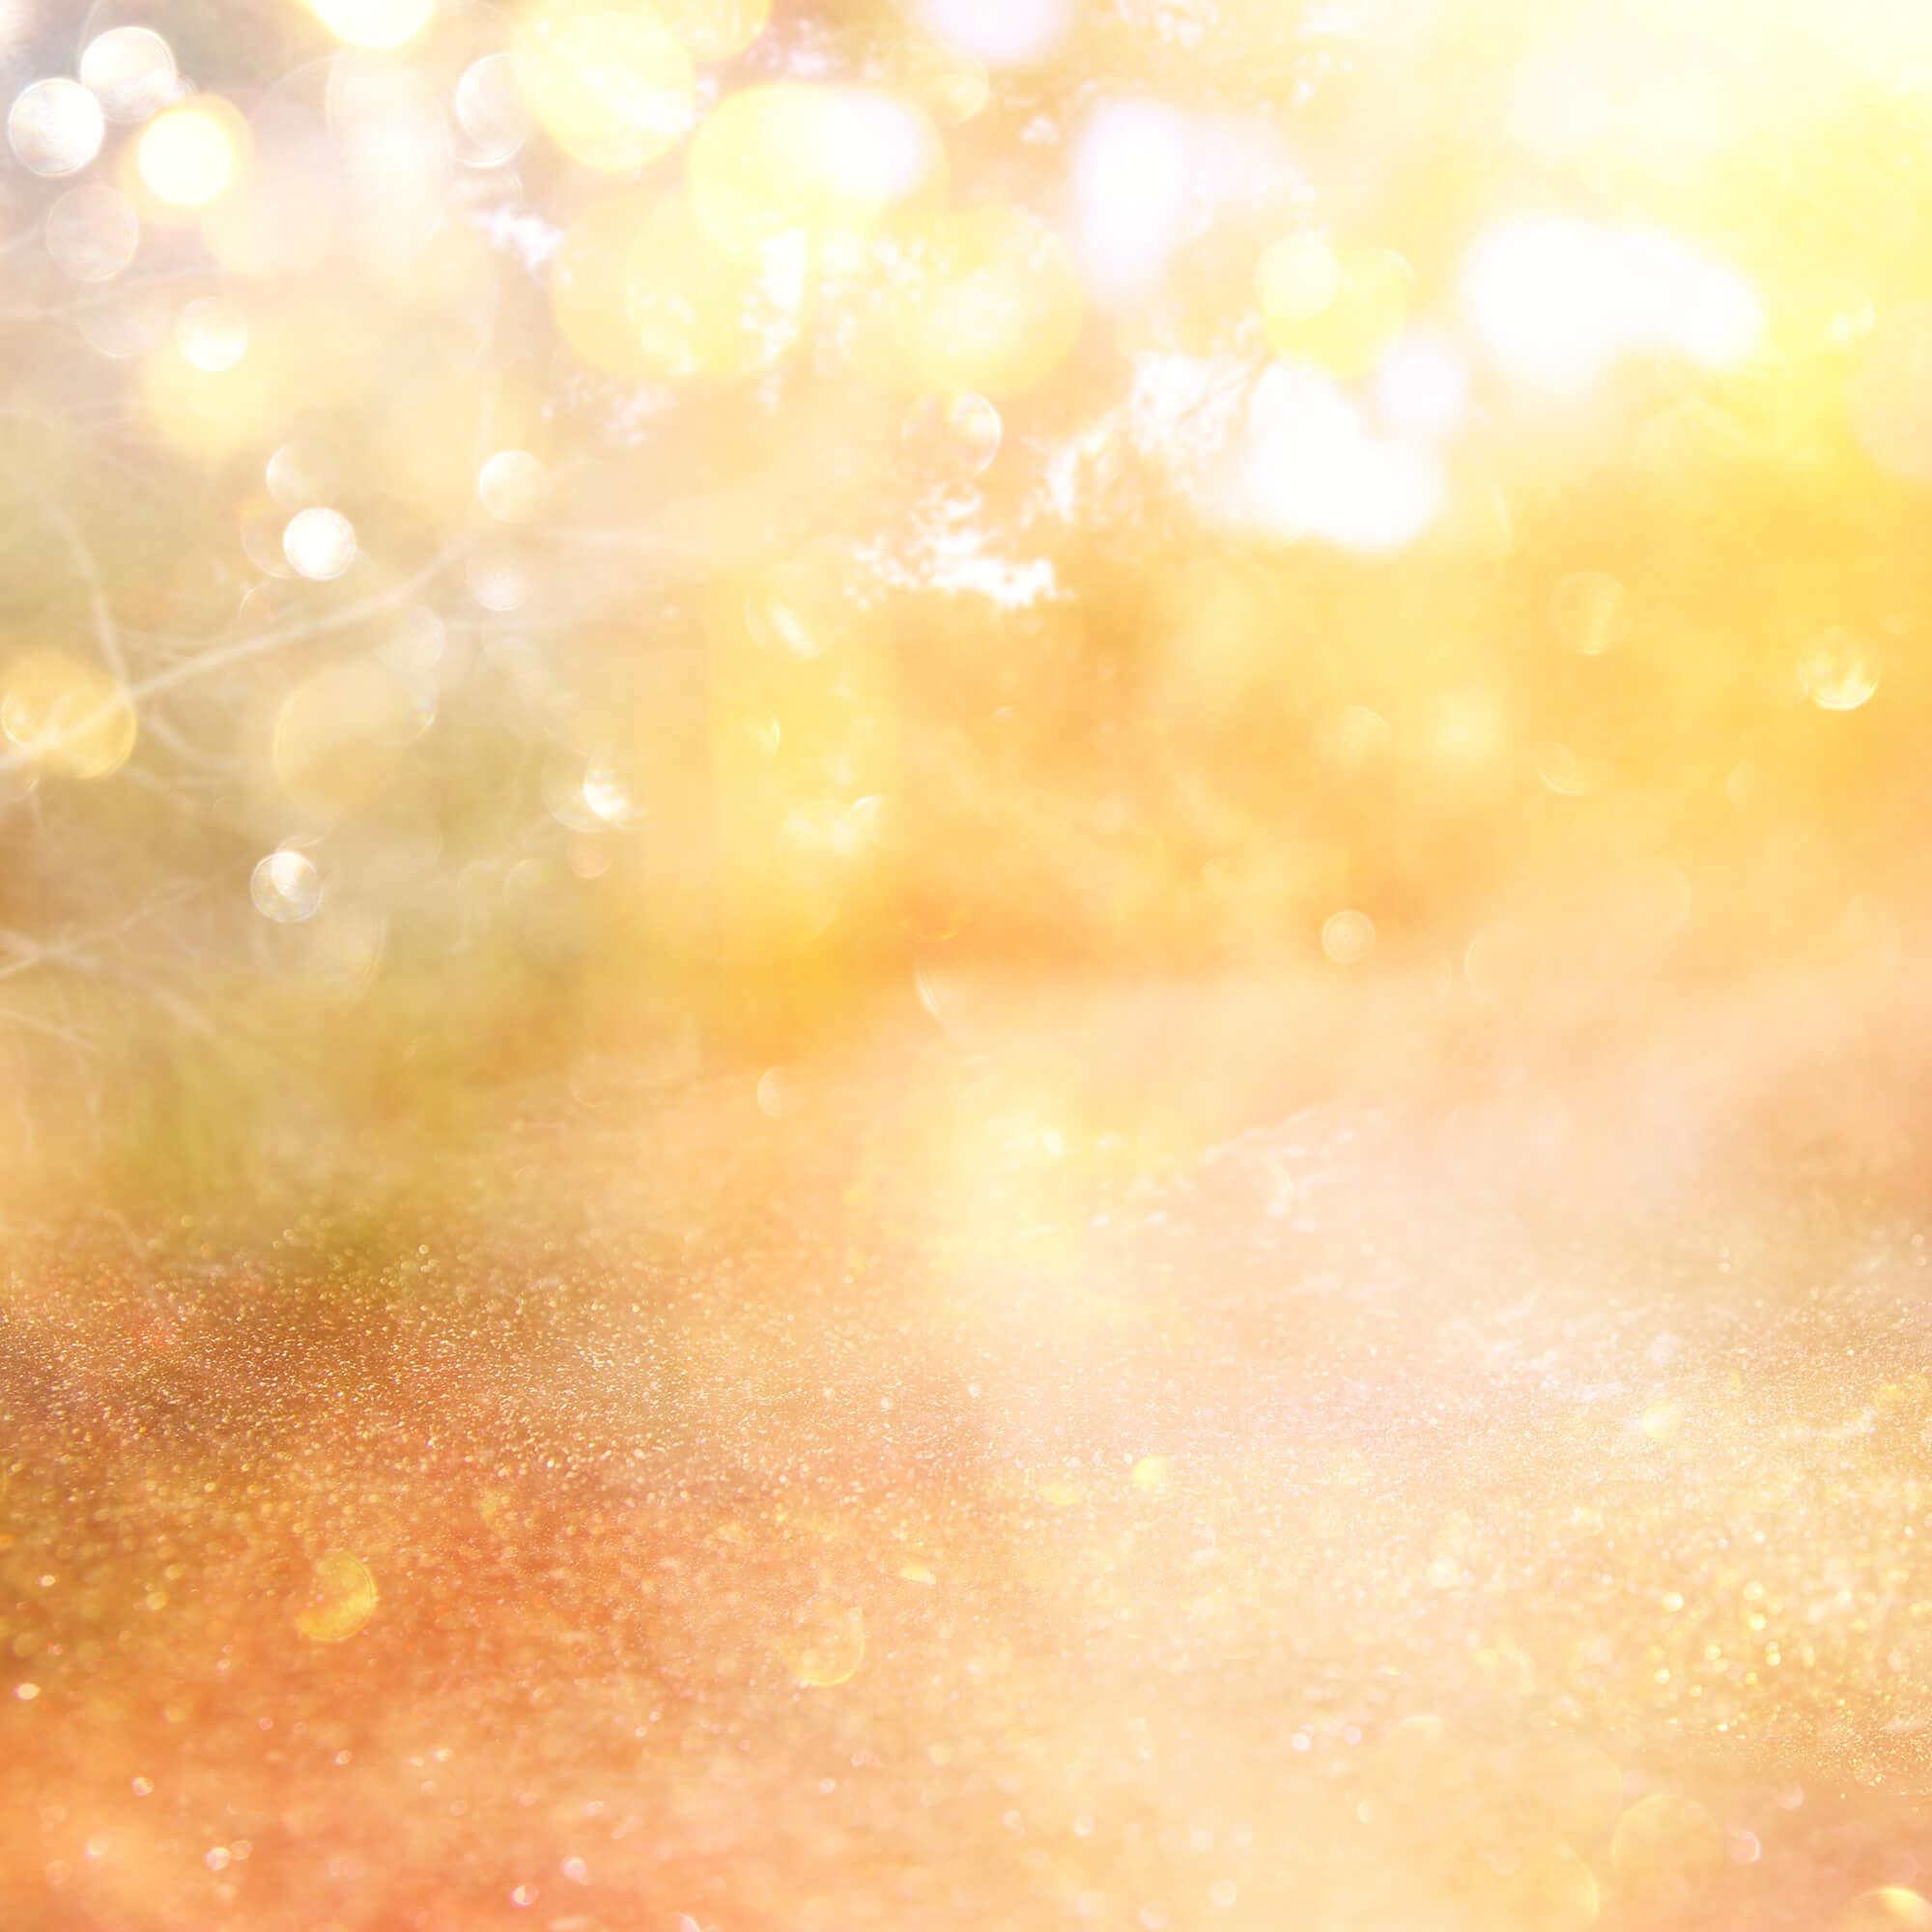 Sunlight bokah